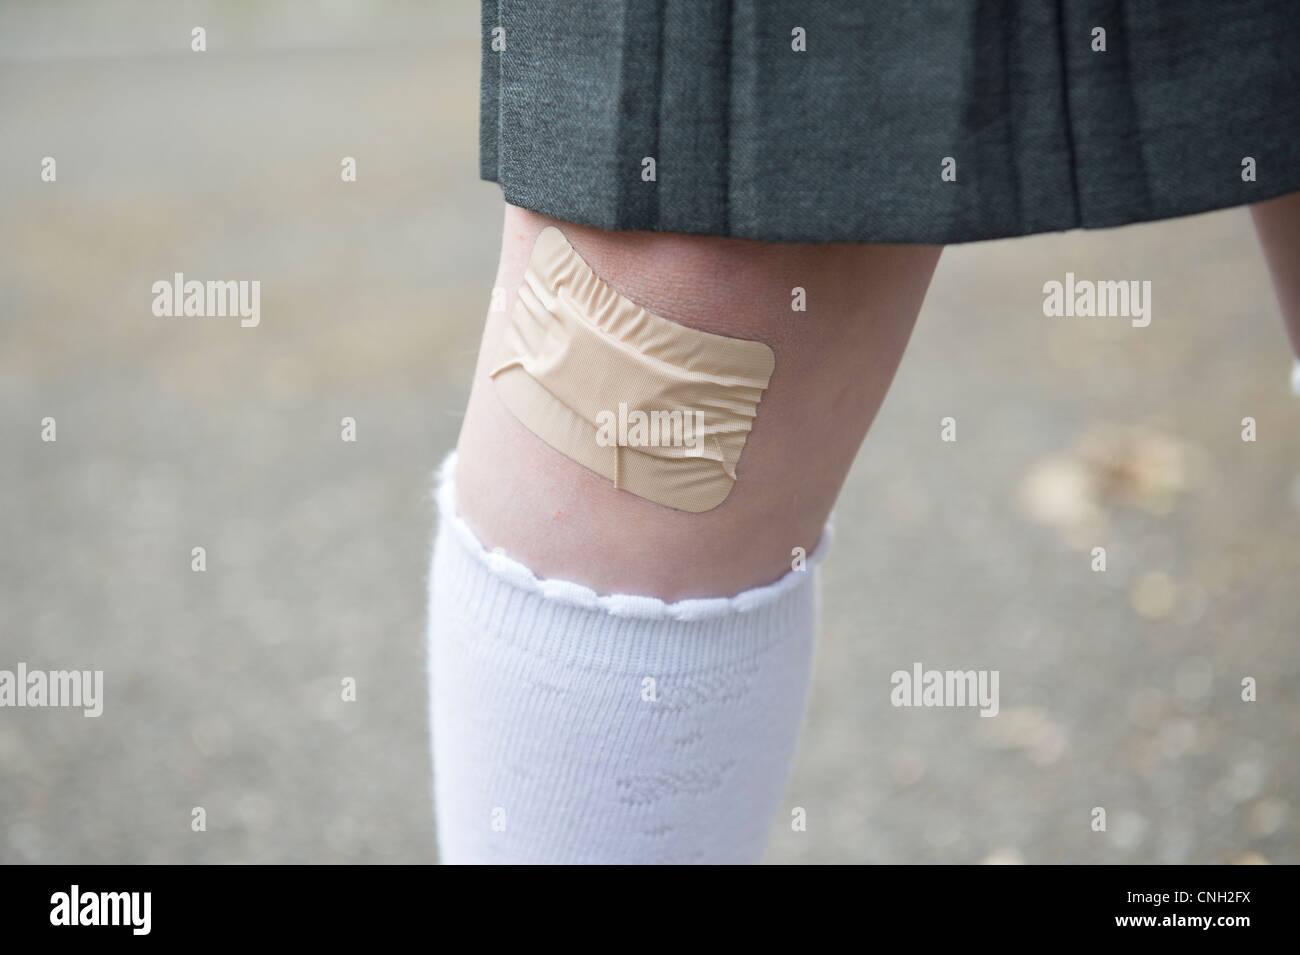 Da rapariguinha de joelho com remendos sobre um corte. Imagens de Stock